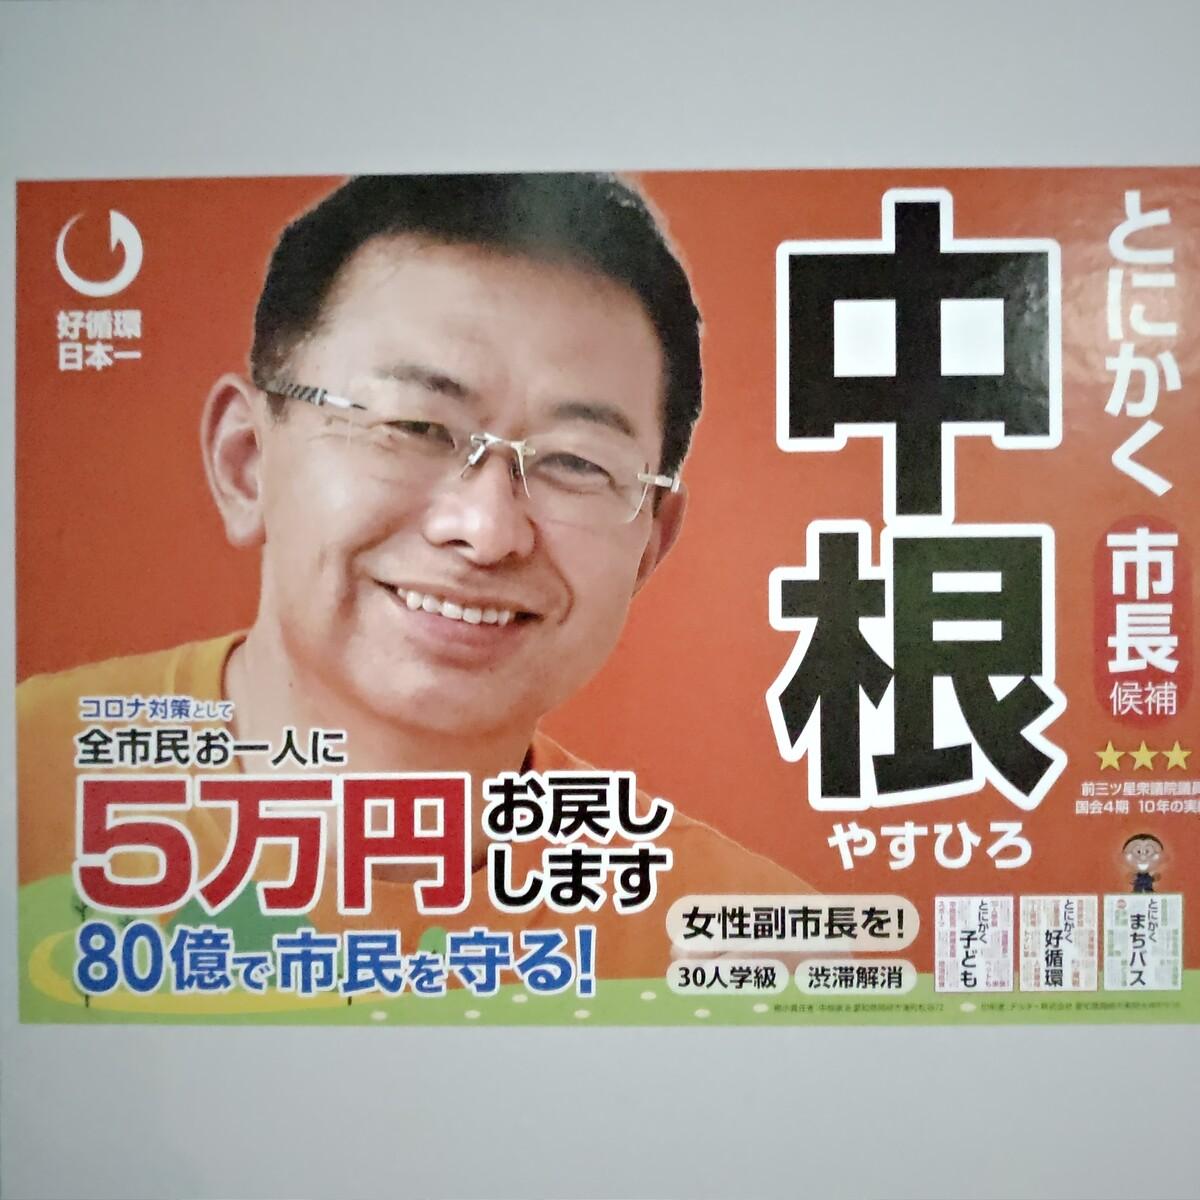 市長 中根 岡崎